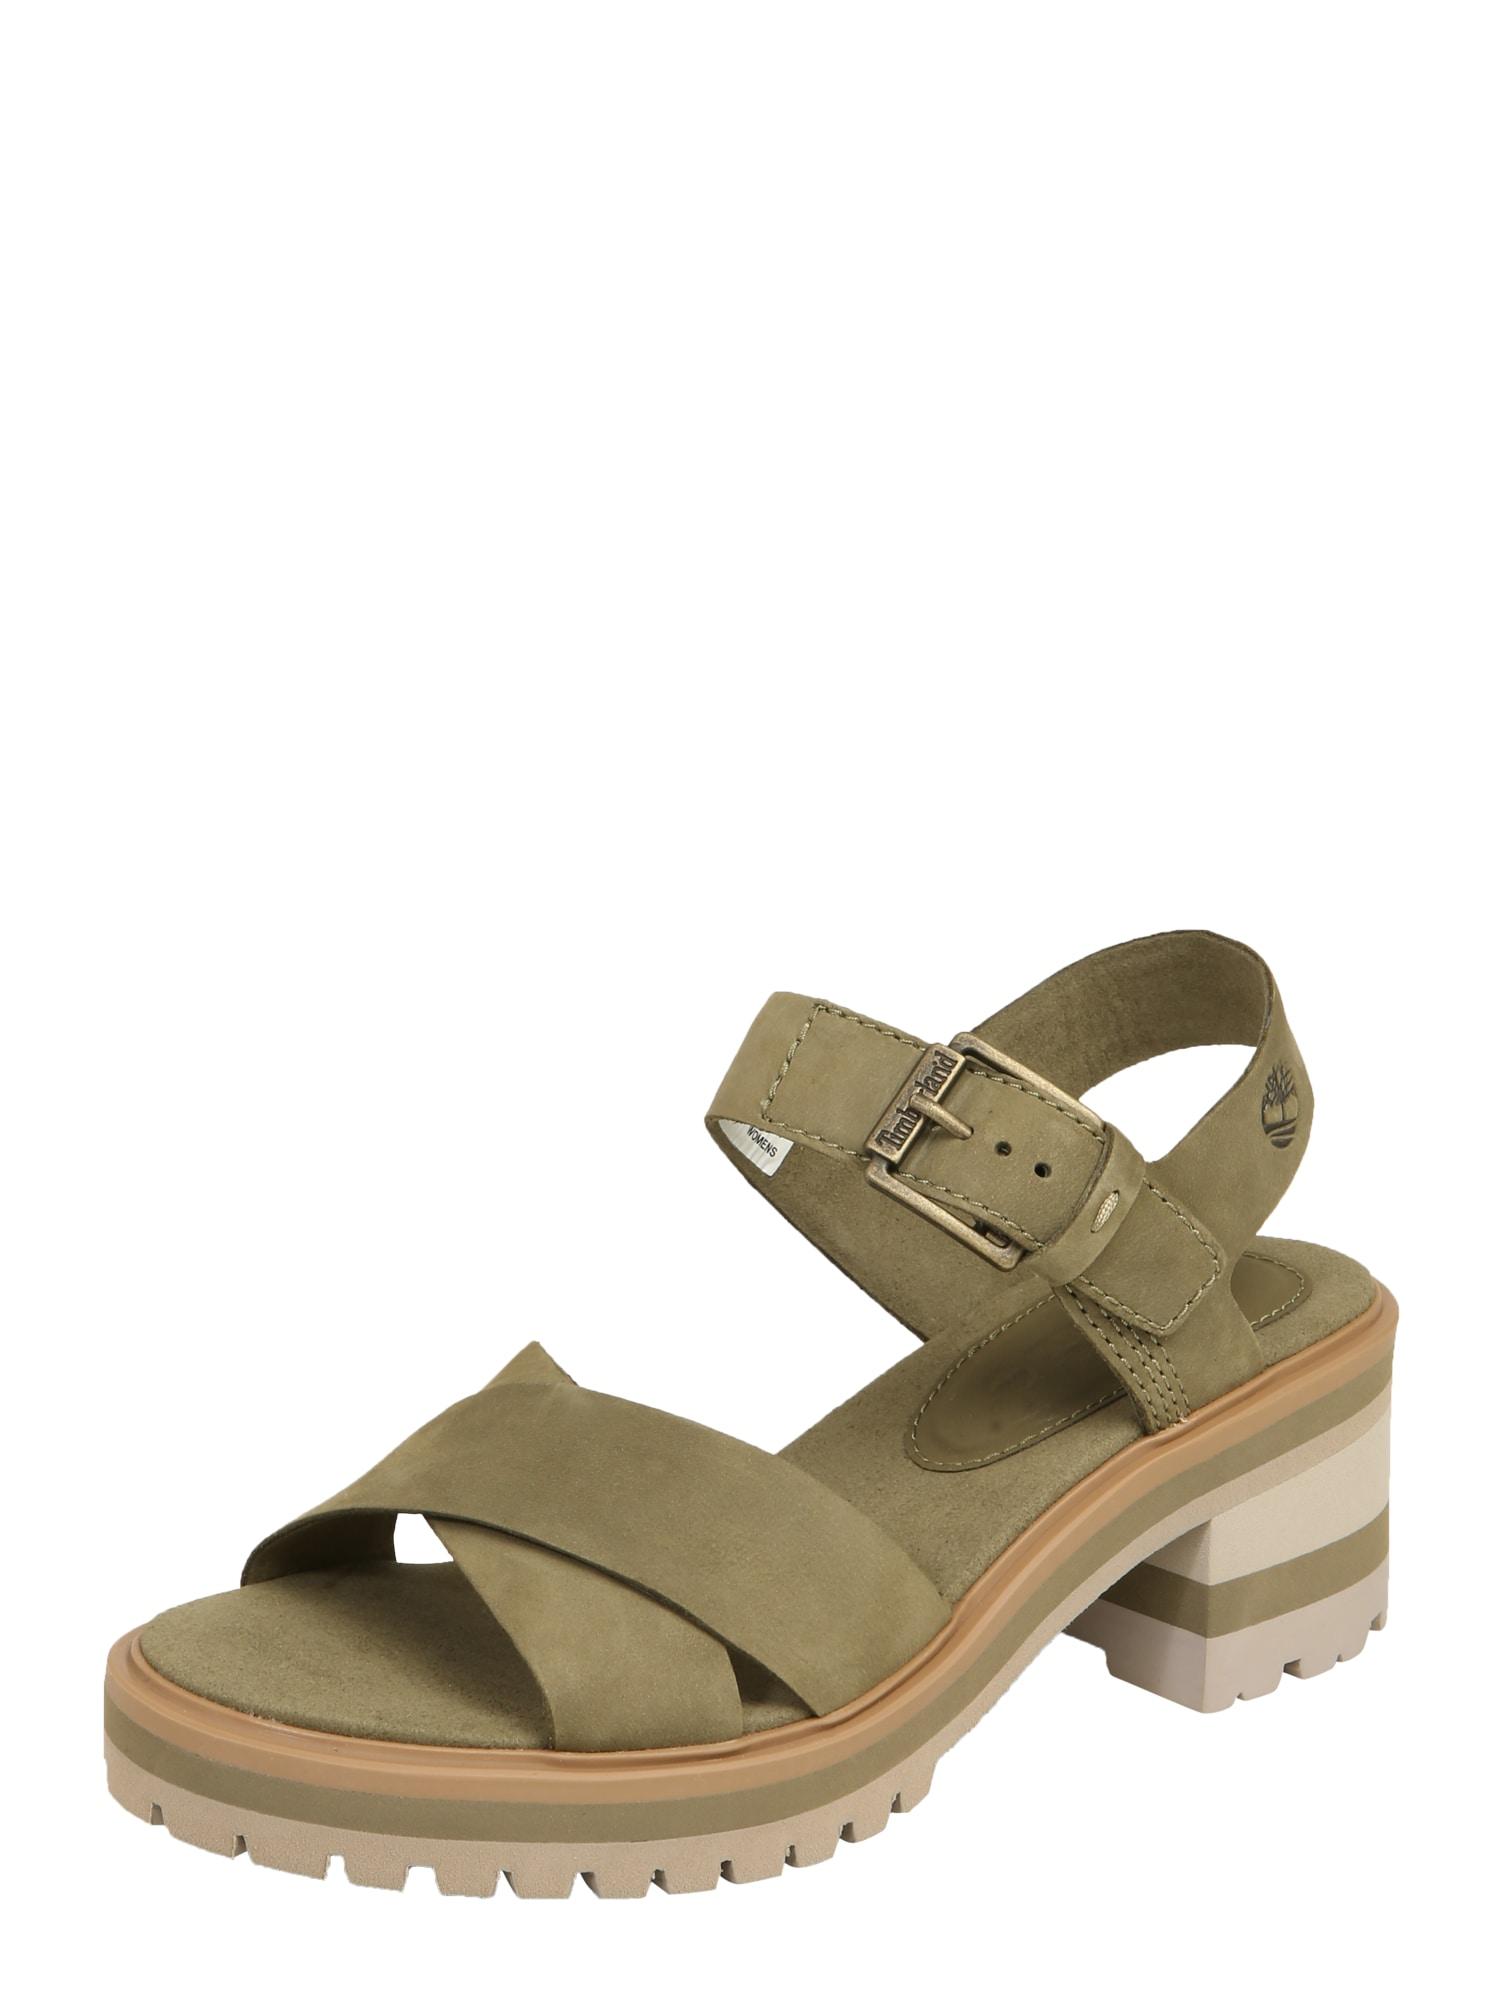 Páskové sandály Violet Marsh olivová TIMBERLAND